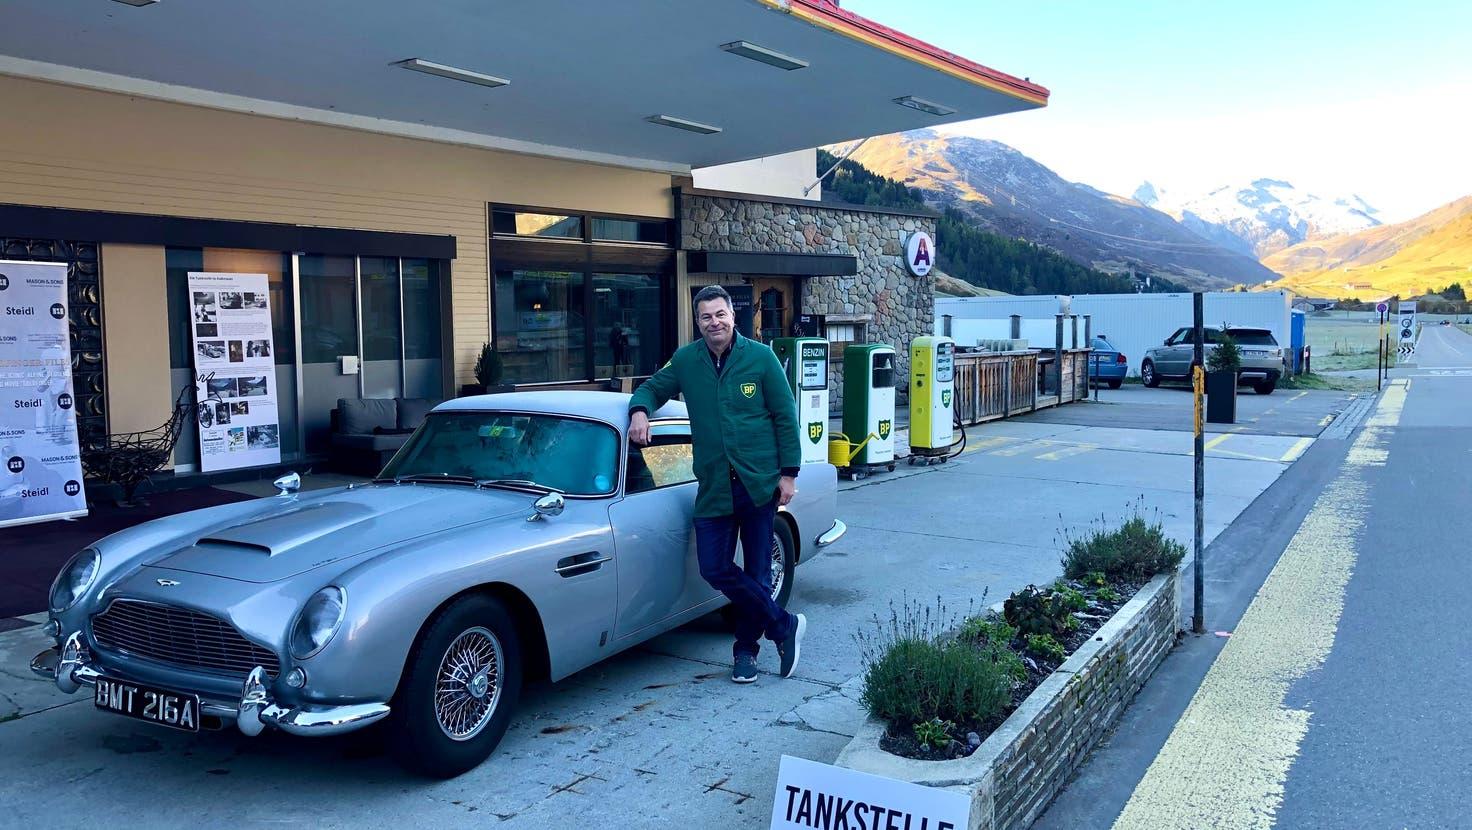 Die ehemalige James-Bond-Tankstelle Aurora ist immer noch ein beliebtes Fotosujet. Auch Markus Hartmann, Präsident des James Bond Clubs Schweiz, posiert gerne für ein Bild. (Bild: PD)